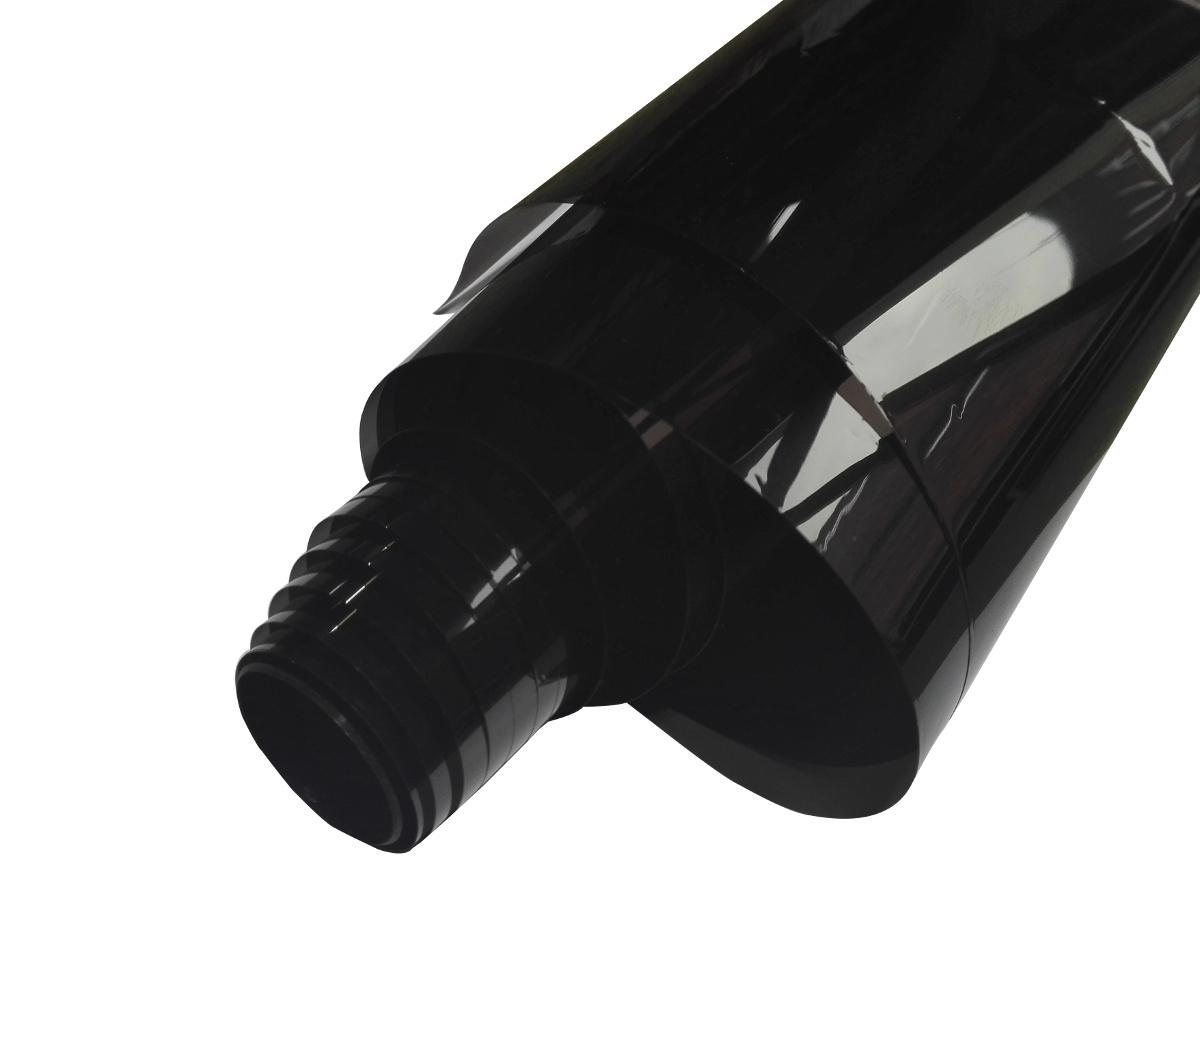 Fólia na okno na stmavnú čiernu 50x300